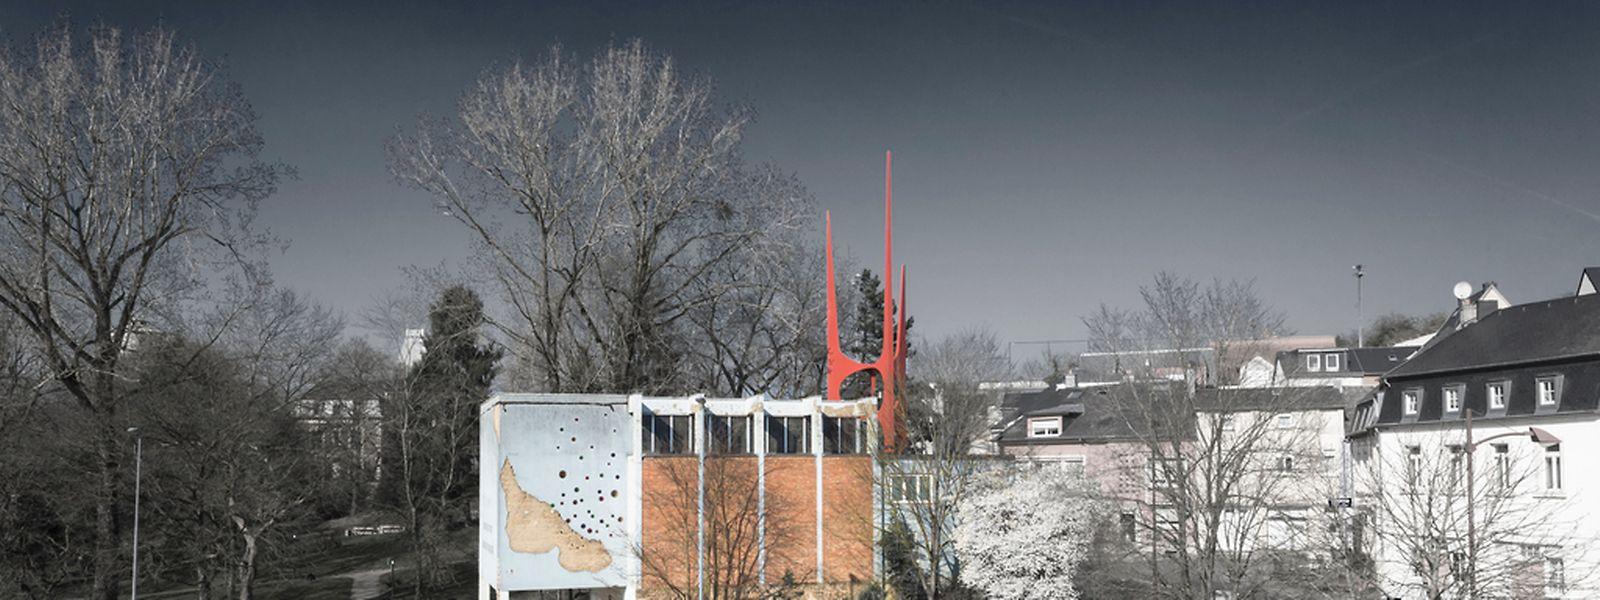 Der rot leuchtende Stahlturm, der die Dreifaltigkeit symbolisiert, ist das markante Signum der vergleichsweise kleinen Kapelle im Düdelinger Viertel Schmelz.